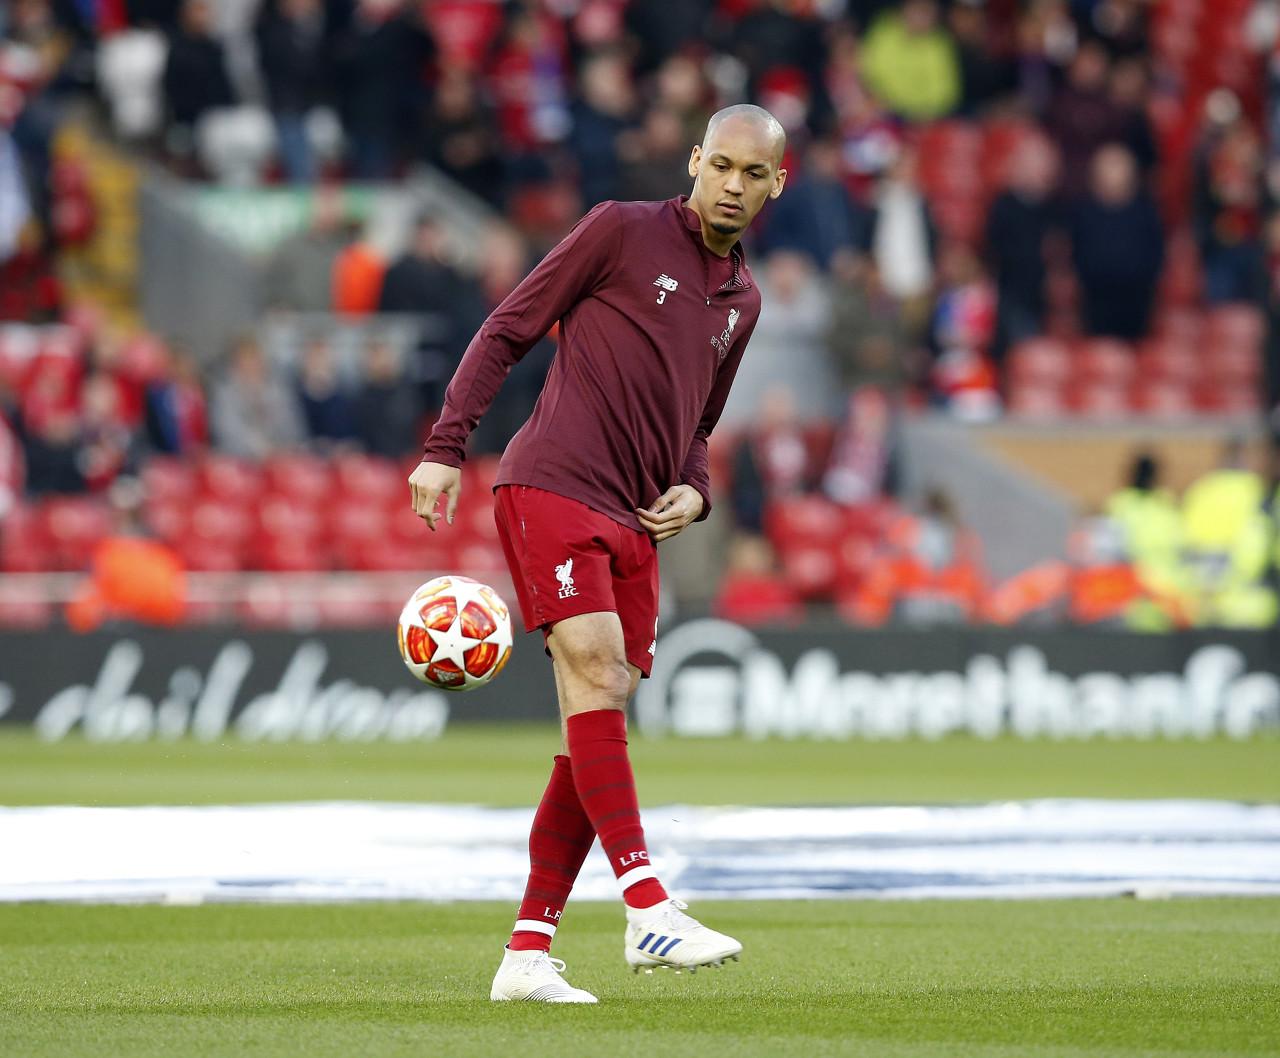 哈维阿隆索:喜欢法比尼奥的踢球方式,他能踢任何位置